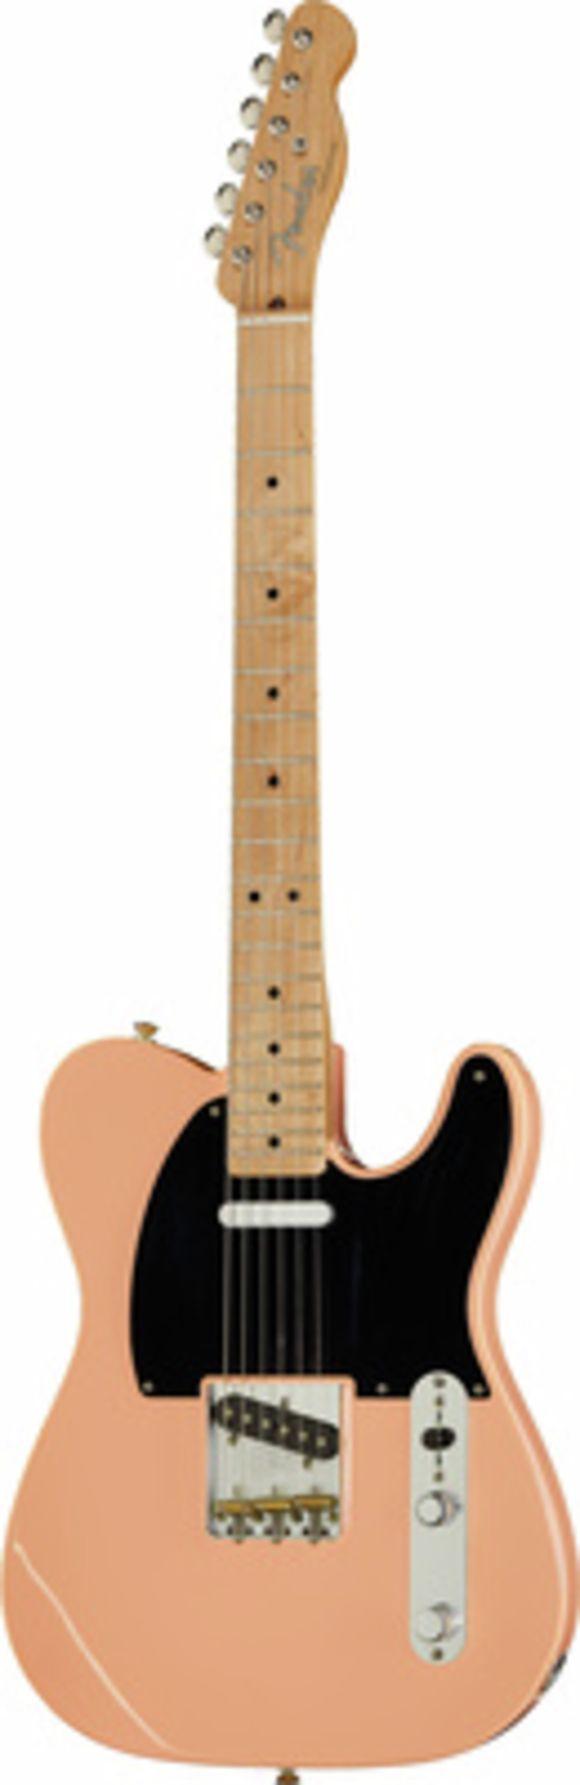 LTD Baja Telecaster Shell Pink Fender